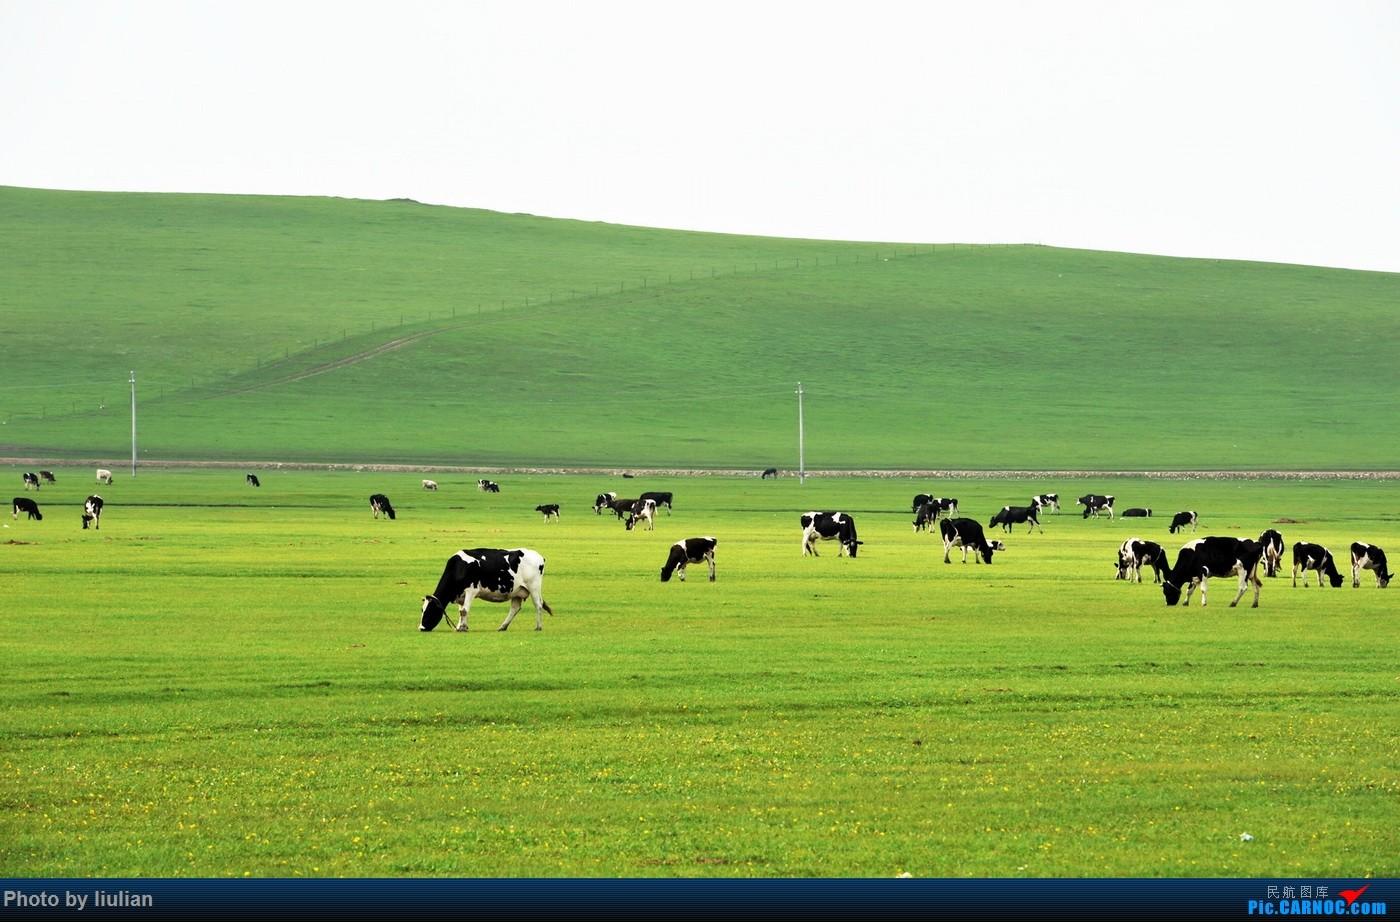 路上的风景只有奶牛,马,羊群以及绿草,蓝天,白云.